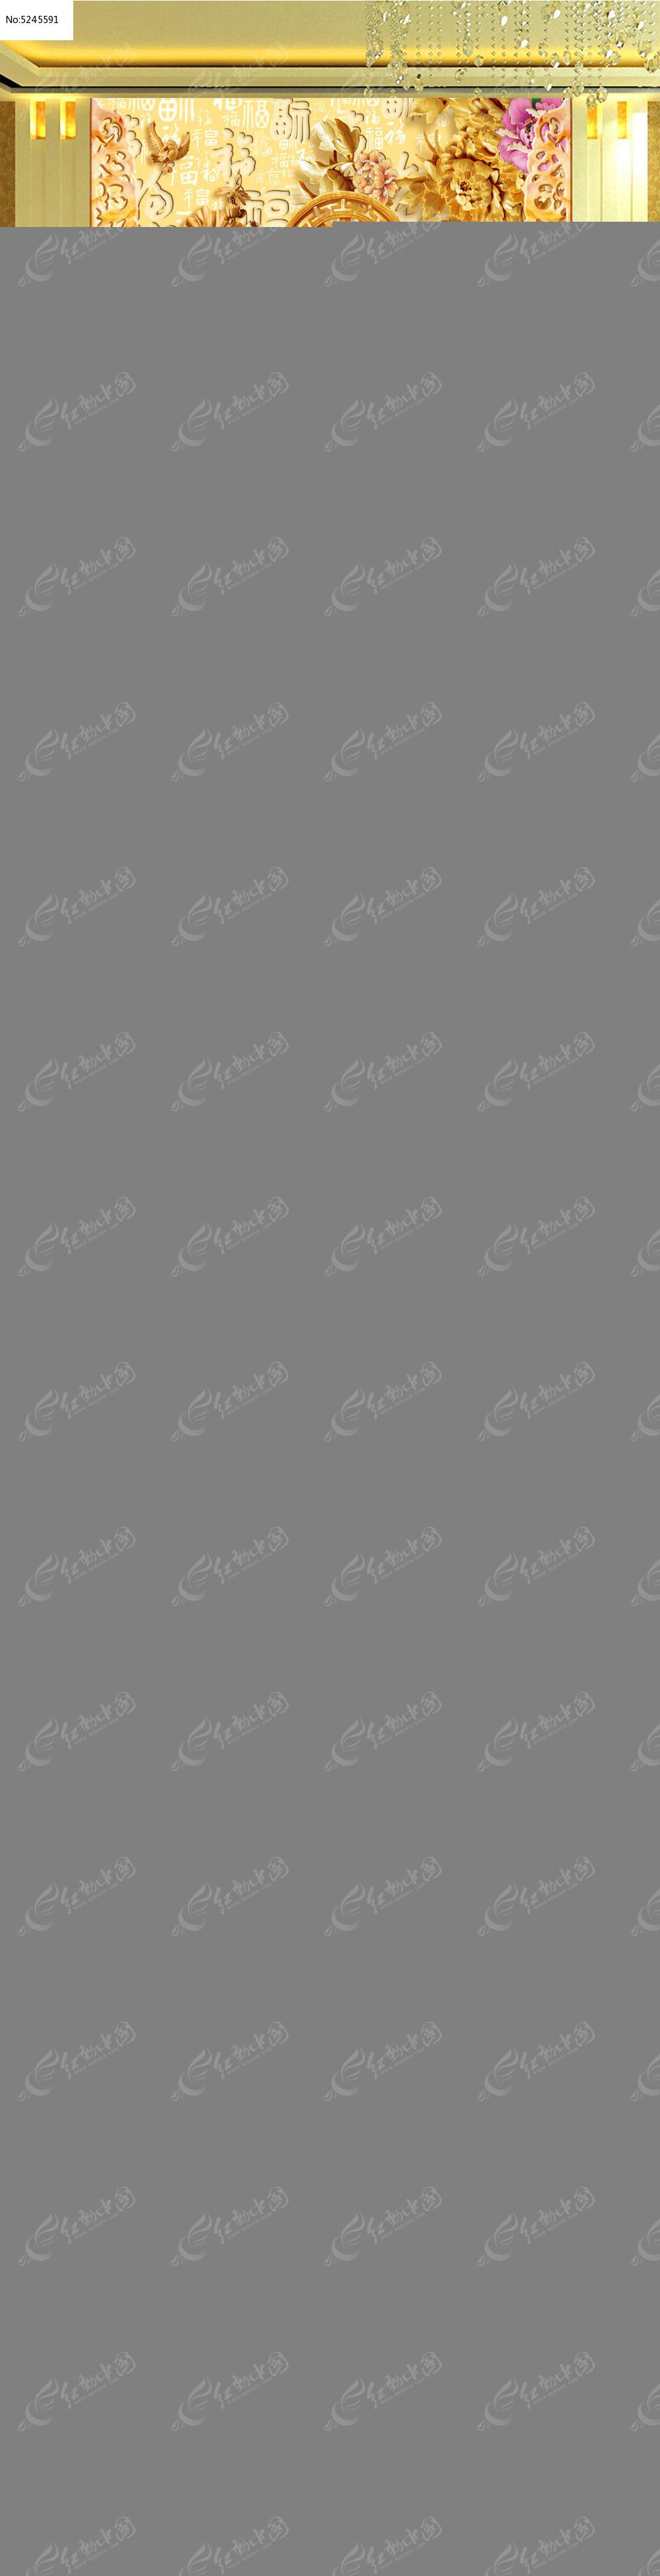 木雕花鸟牡丹百福图客厅电视背景墙